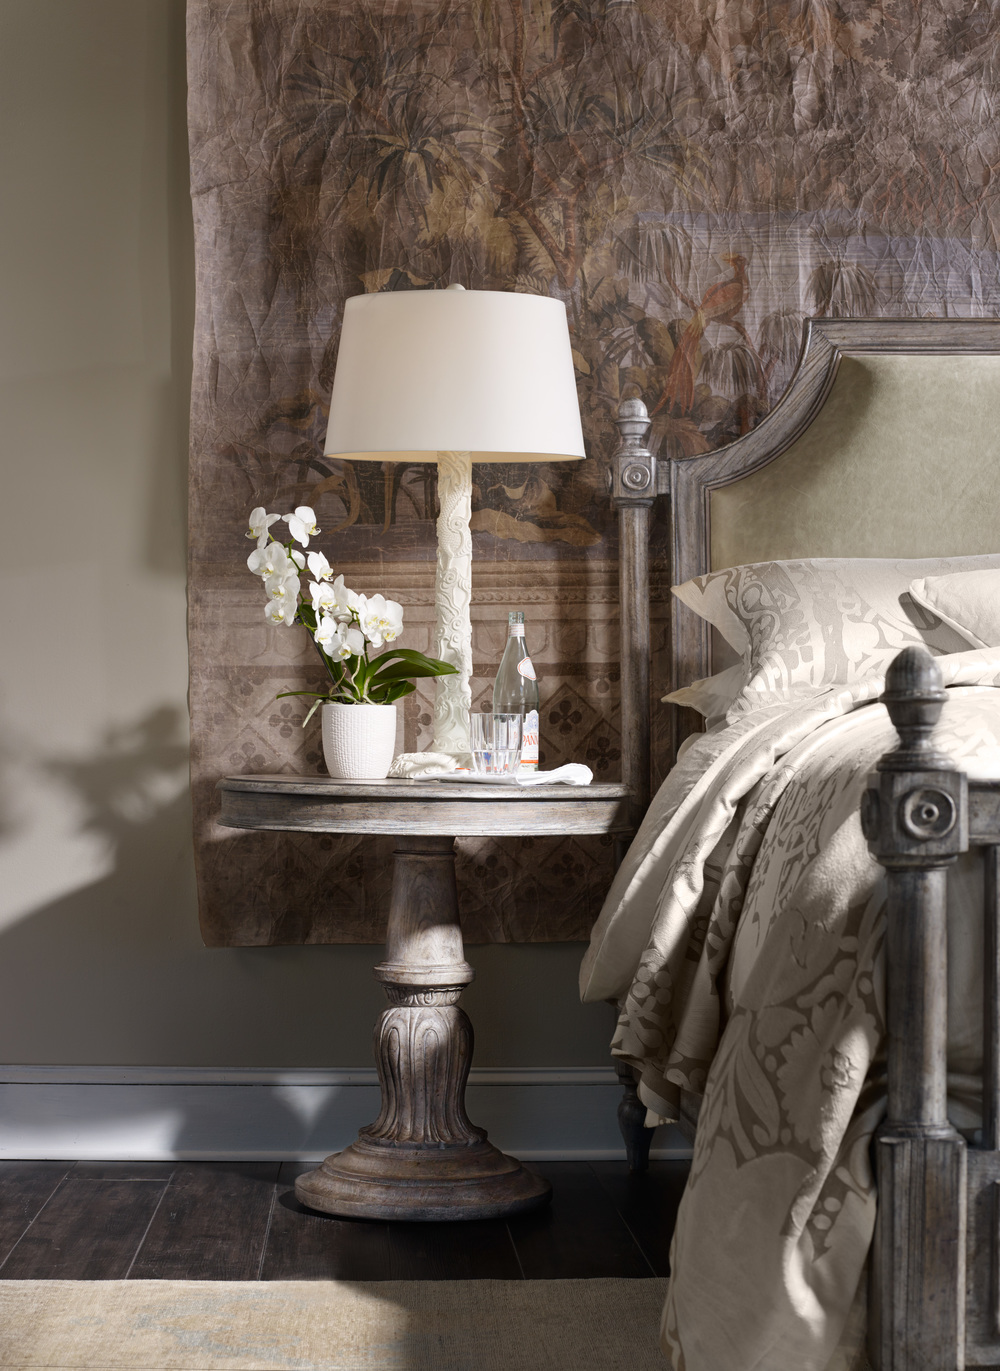 Hooker Furniture - True Vintage Bedside Table